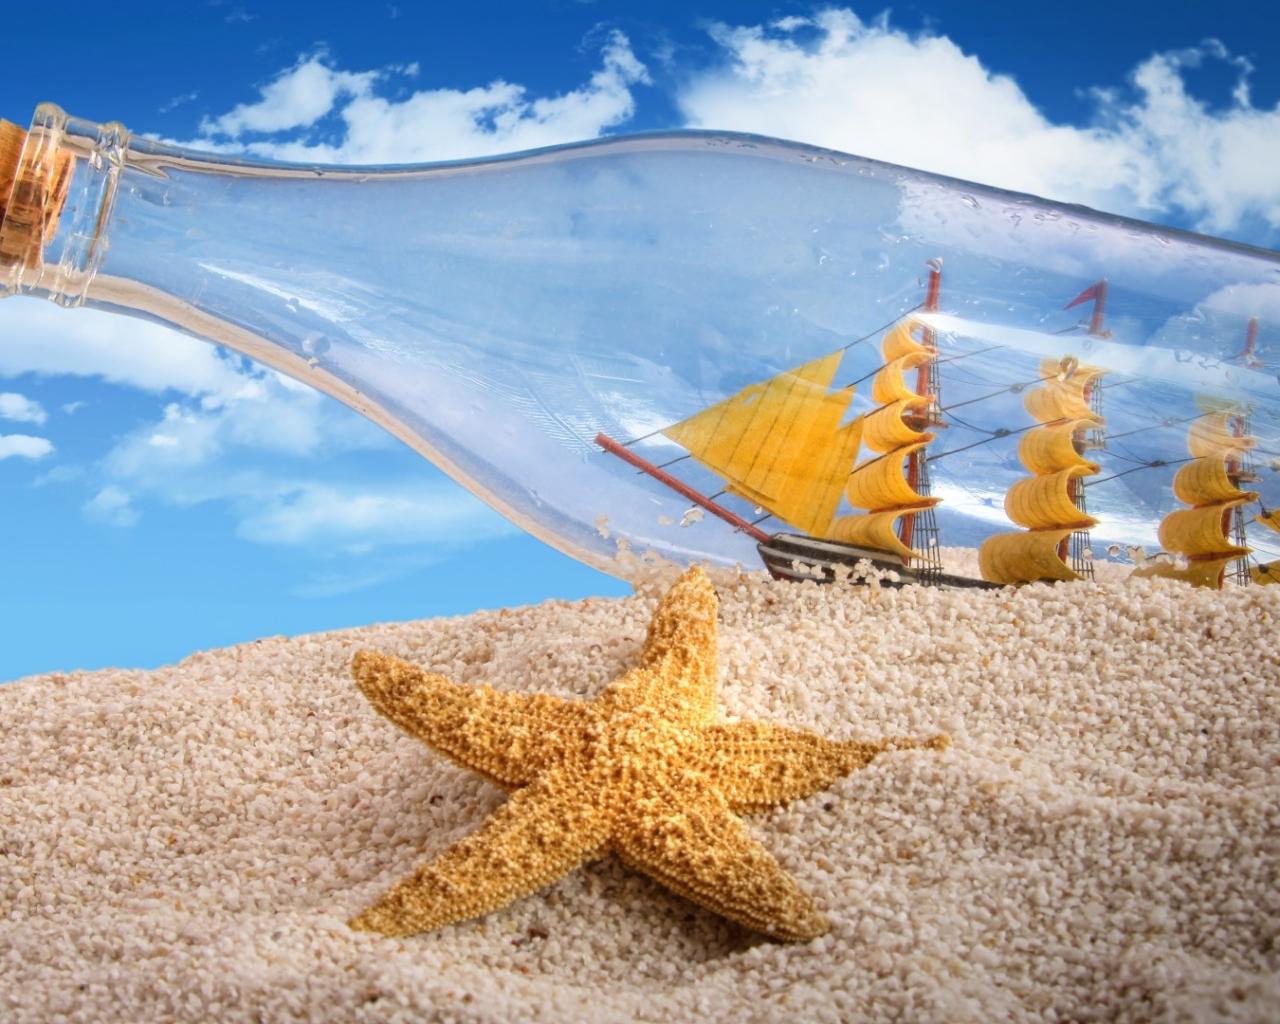 Barco en botella - 1280x1024